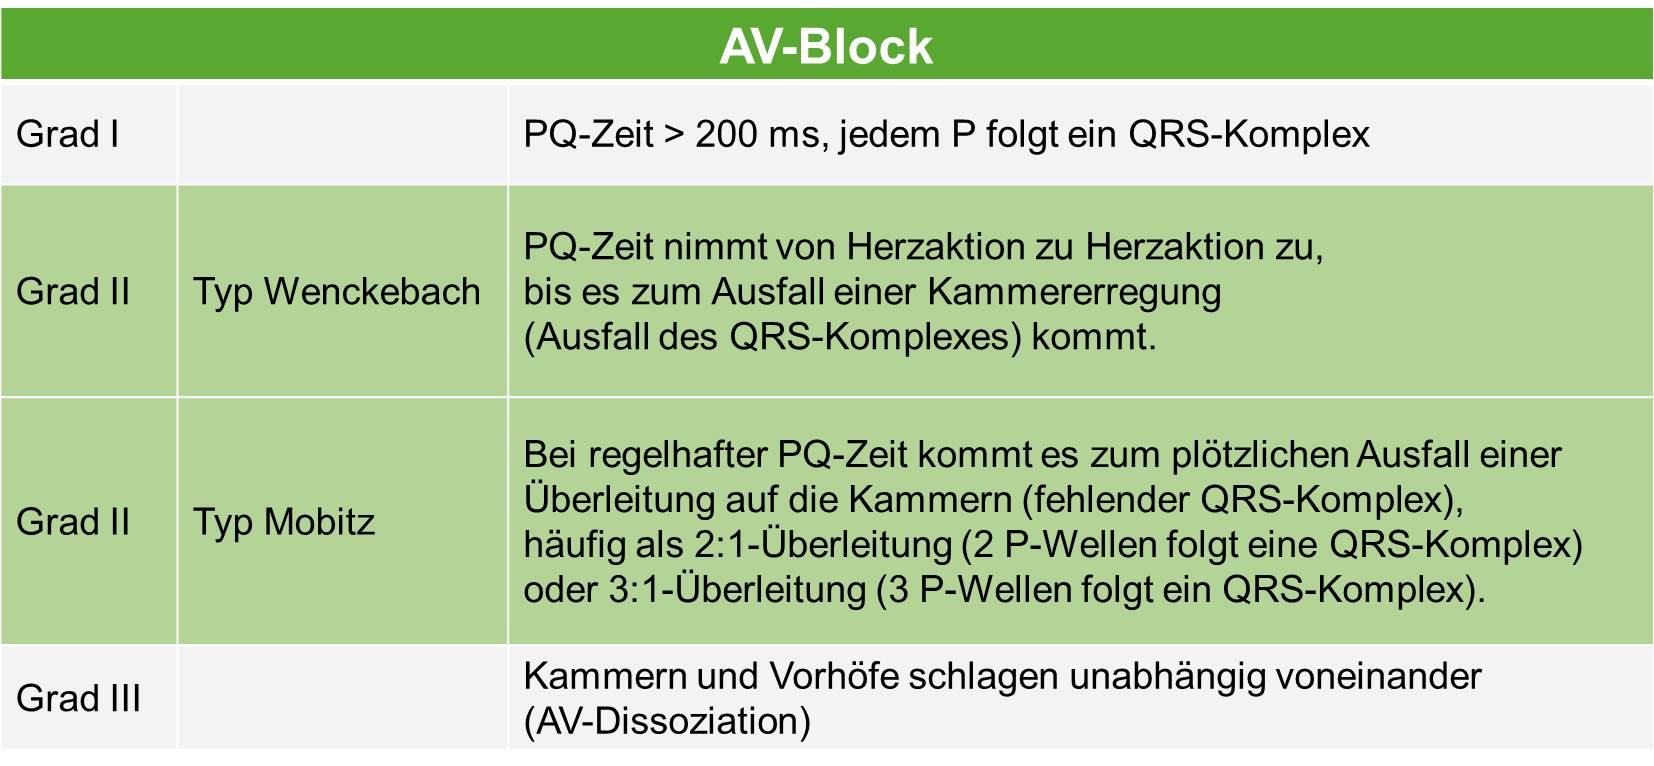 AV-Block